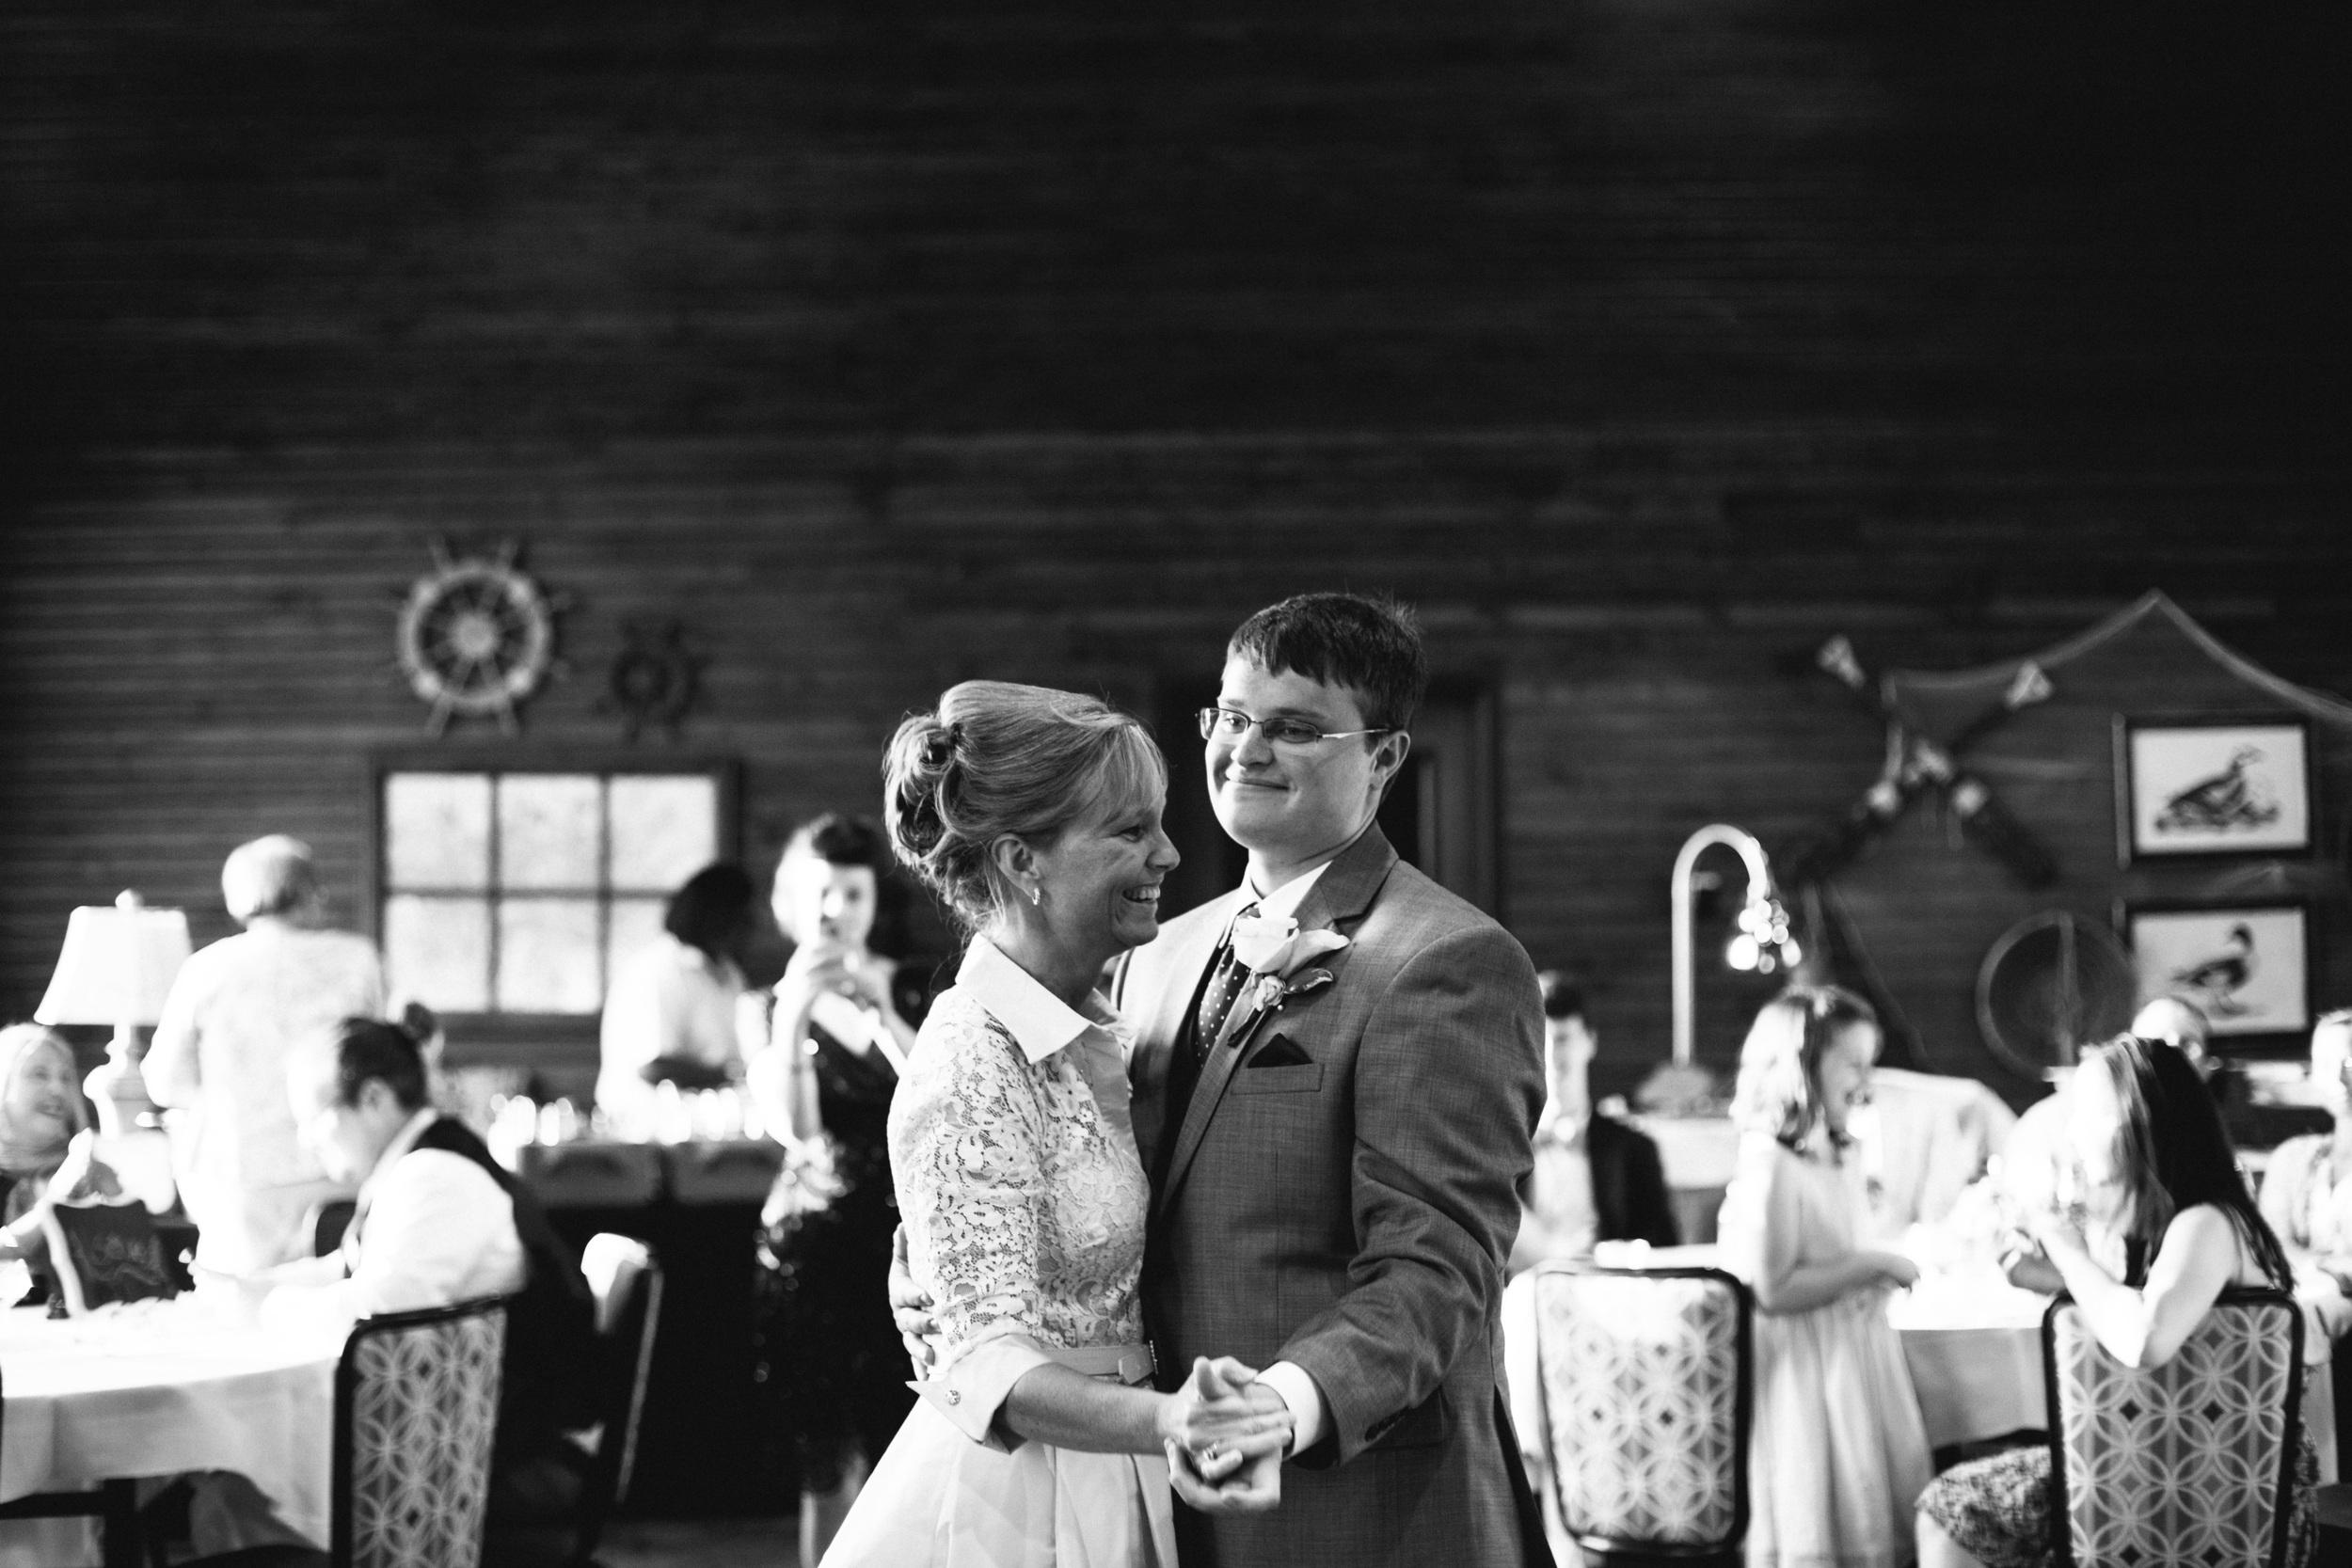 Brock_Tayler_Norwood_Wedding_2015_Pointes_West_Appling0025.jpg